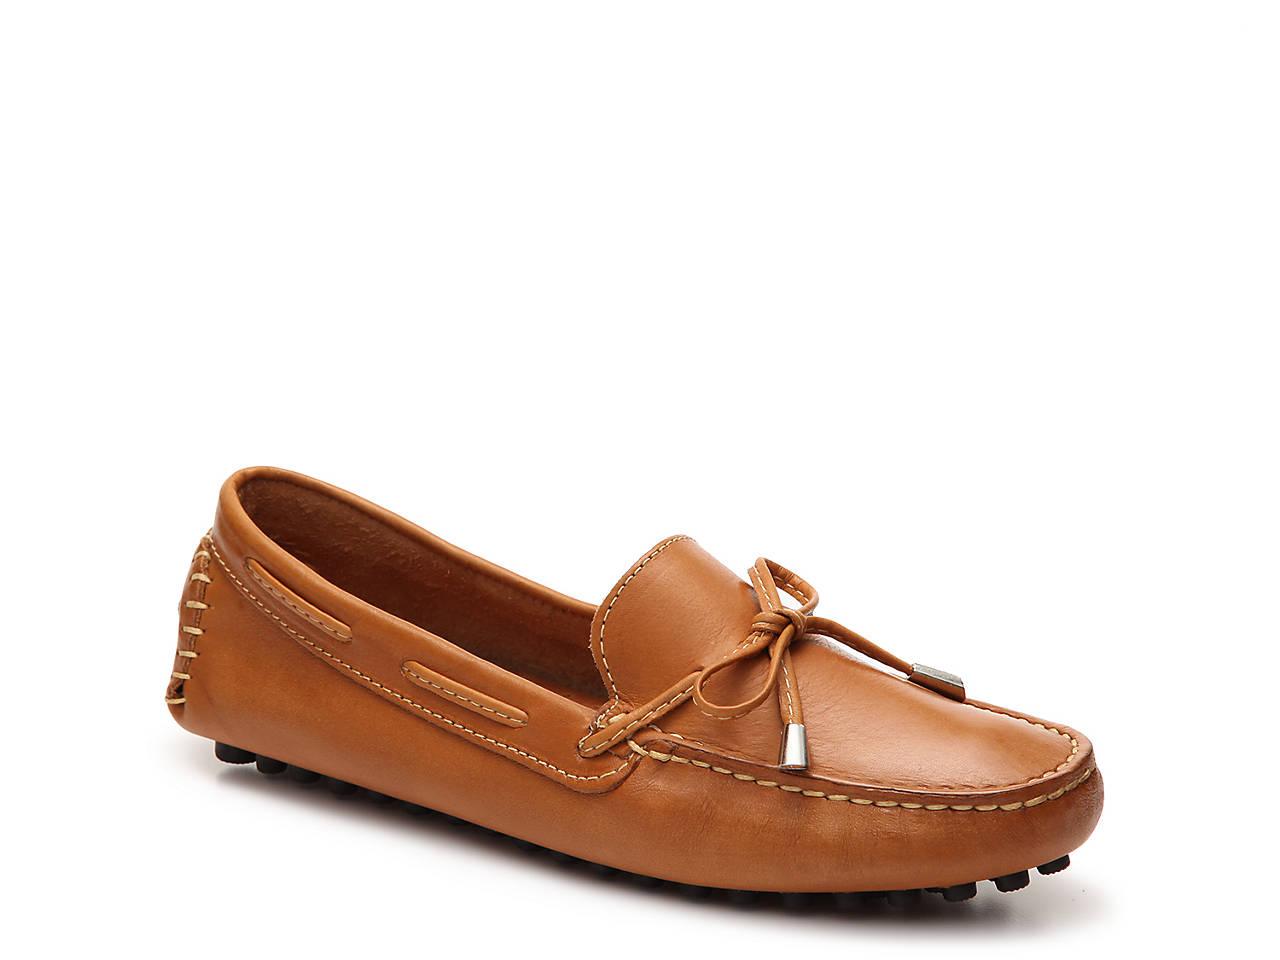 Cognac Ladies Leather Loafer Mercanti Fiorentini